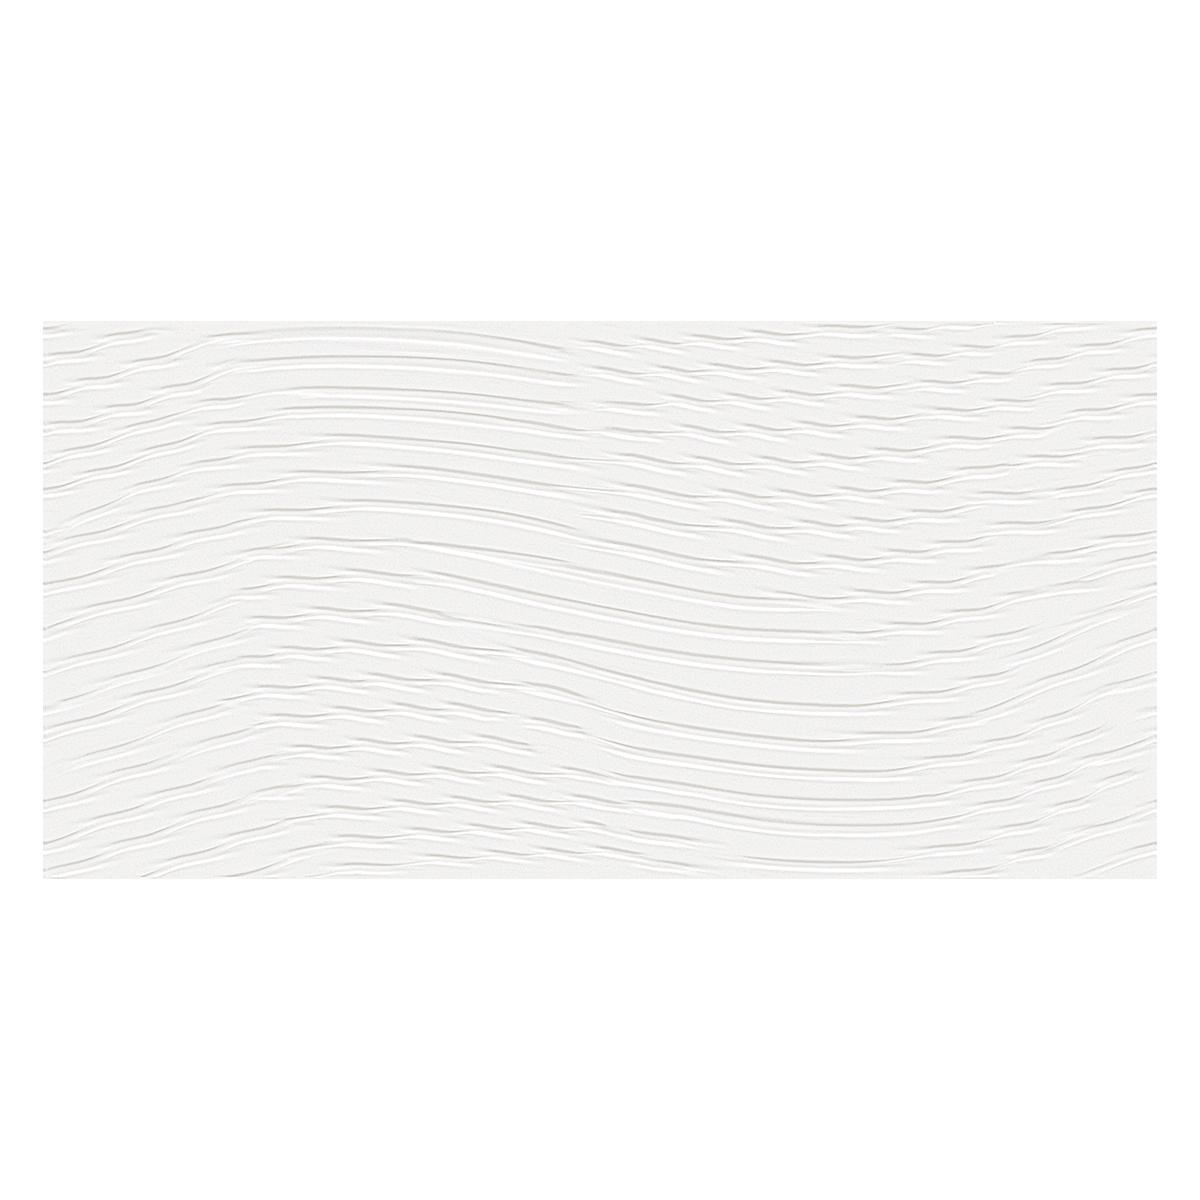 Mayólica Aquarela Ondas Blanco Brillante - 30X60 cm - 1.63 m2